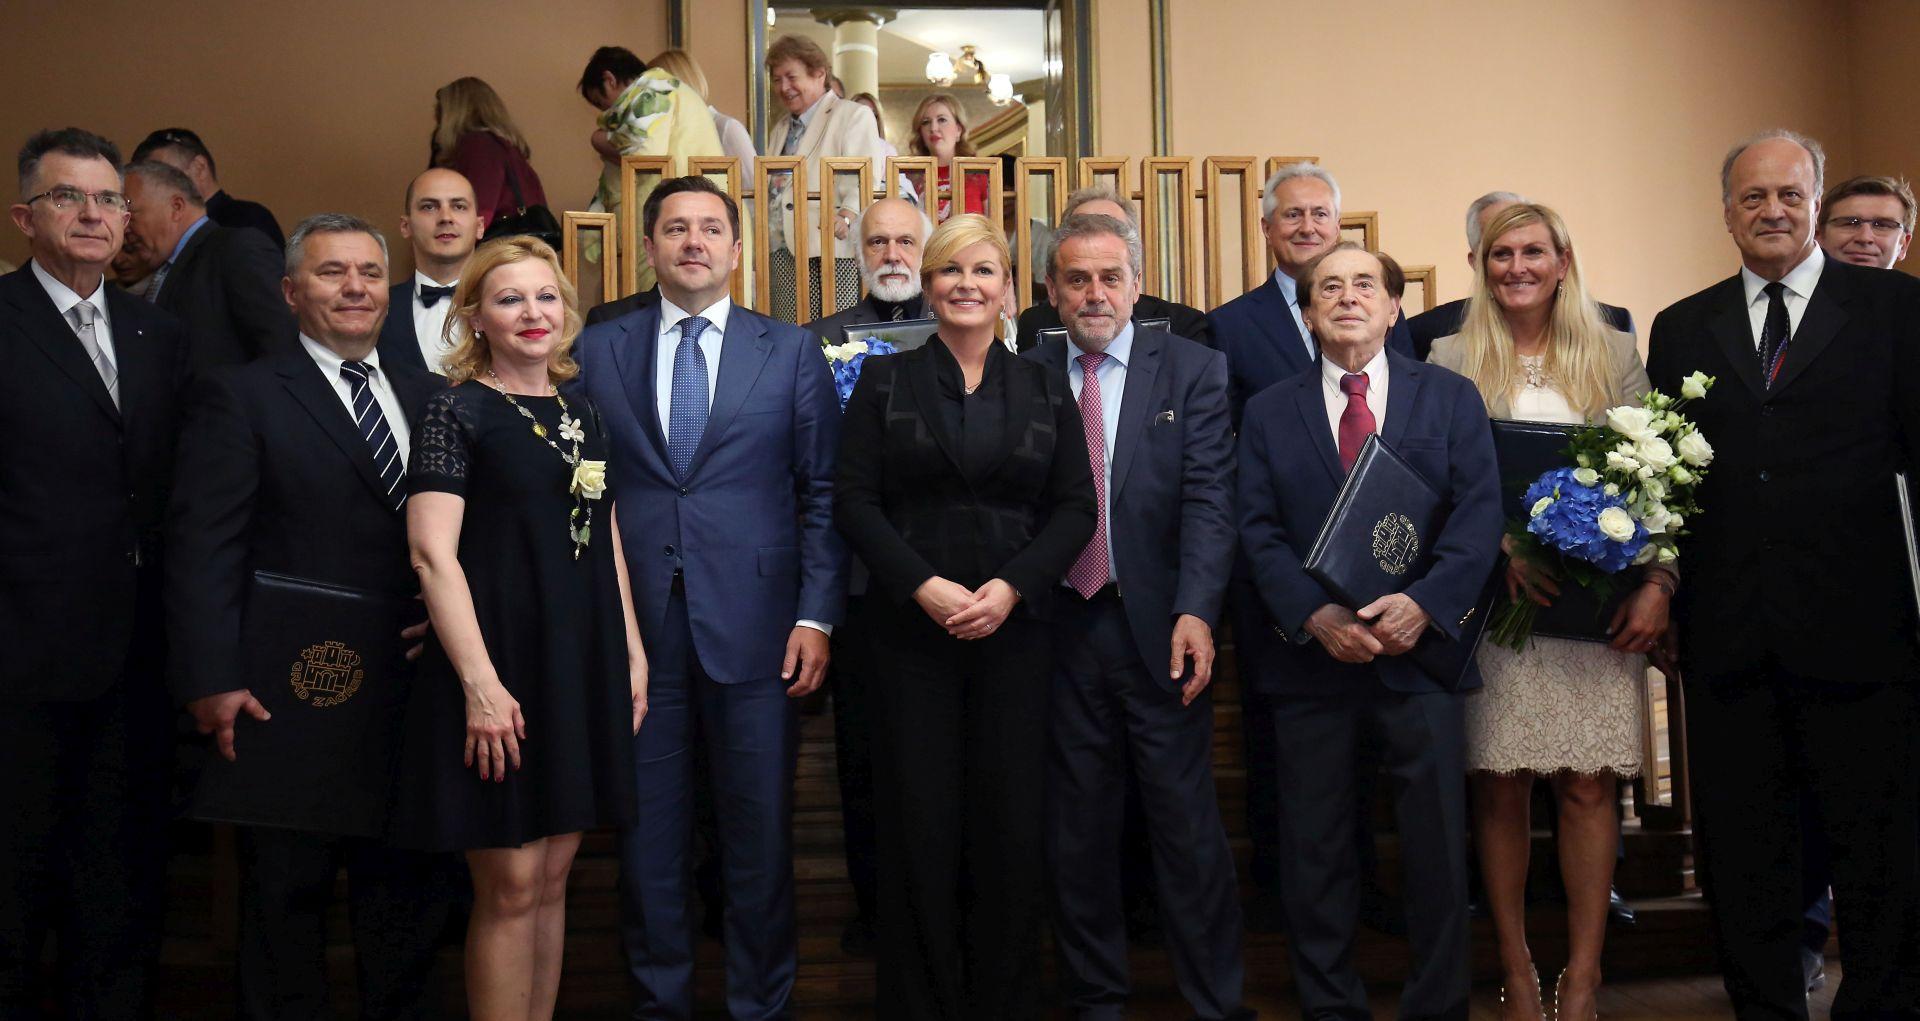 GRABAR-KITAROVIĆ U sklopu zagrebačke Gradske uprave otvoriti Ured hrvatske solidarnosti